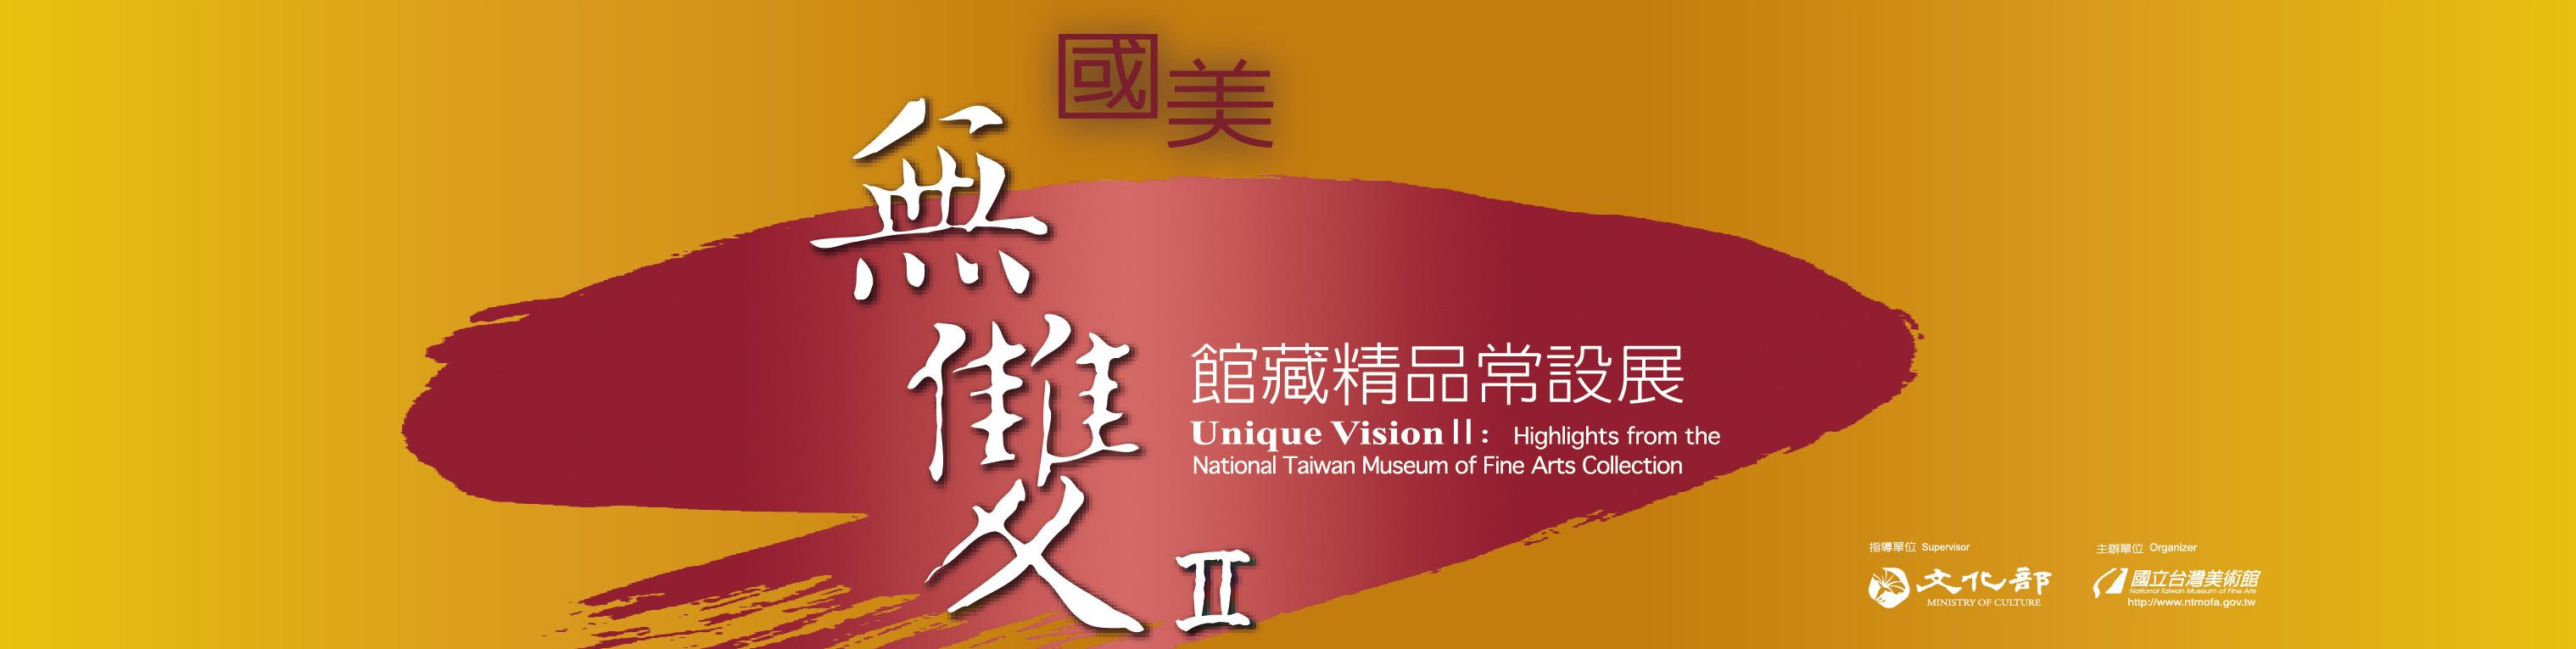 美術館教育與學校社群合作「國美藝研坊計畫」103年上半年度 (第二階段-6/21、6/29場次)